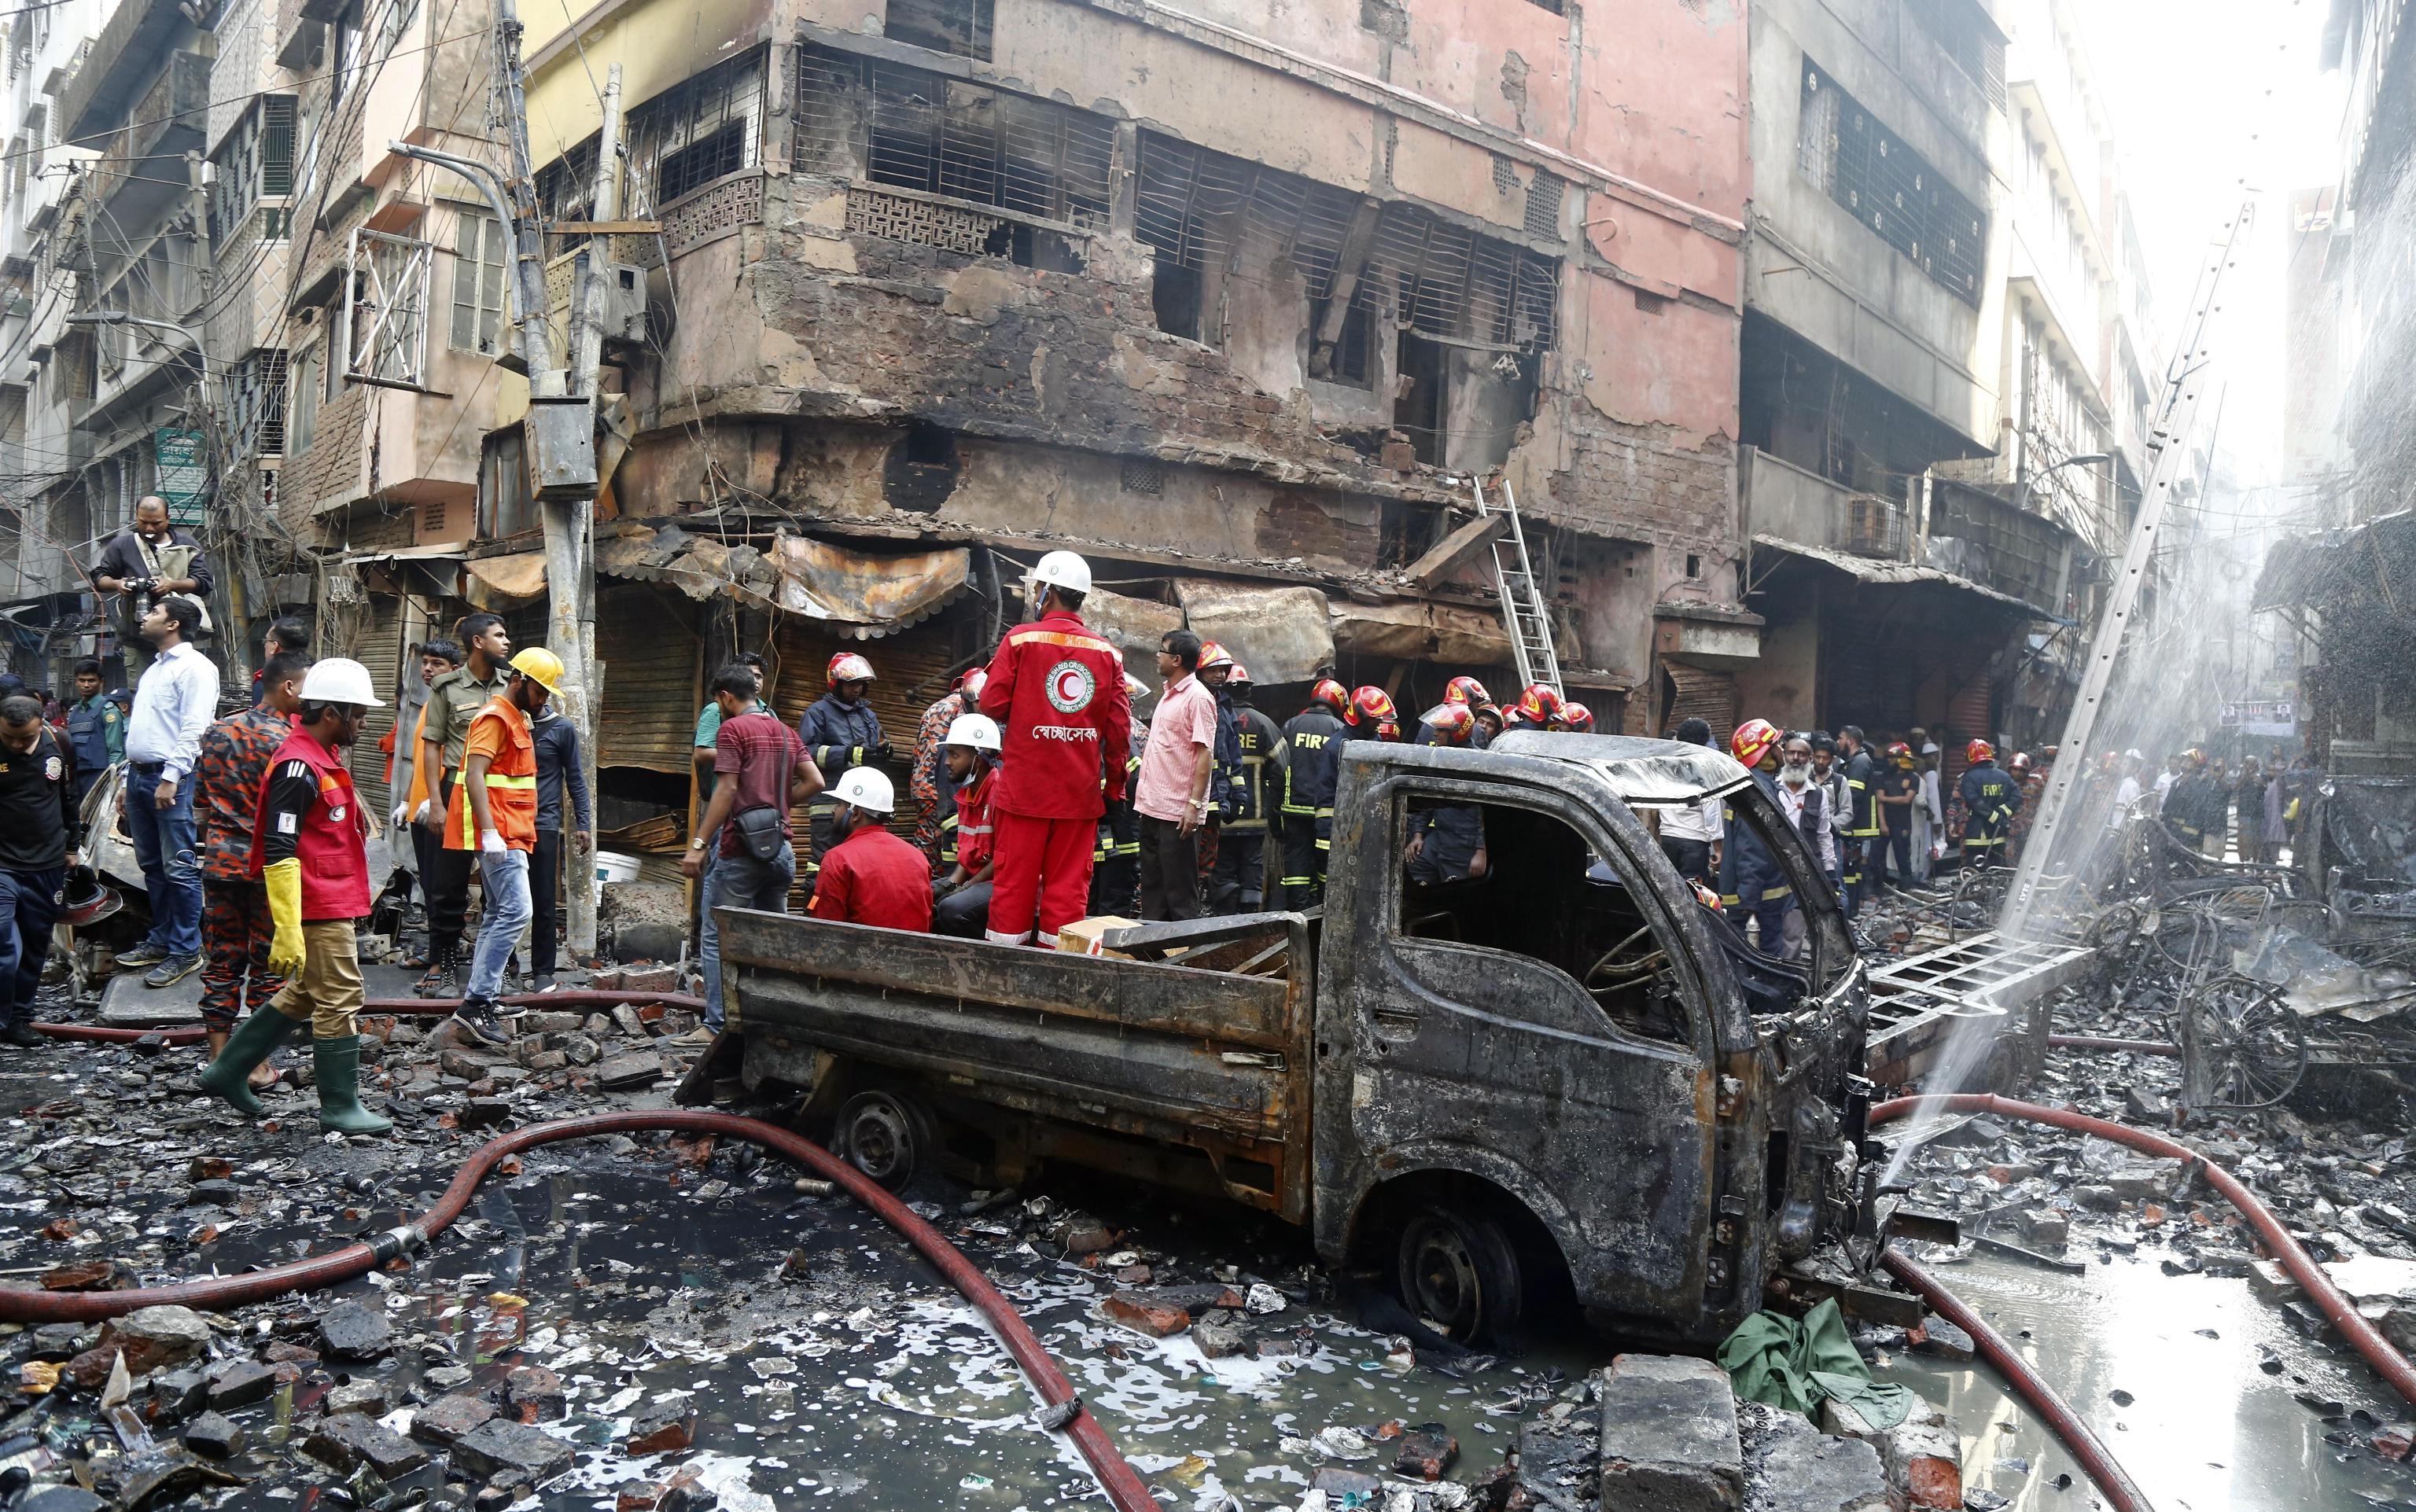 I vigili del fuoco accanto ai resti di un furgone divorato dalle fiamme